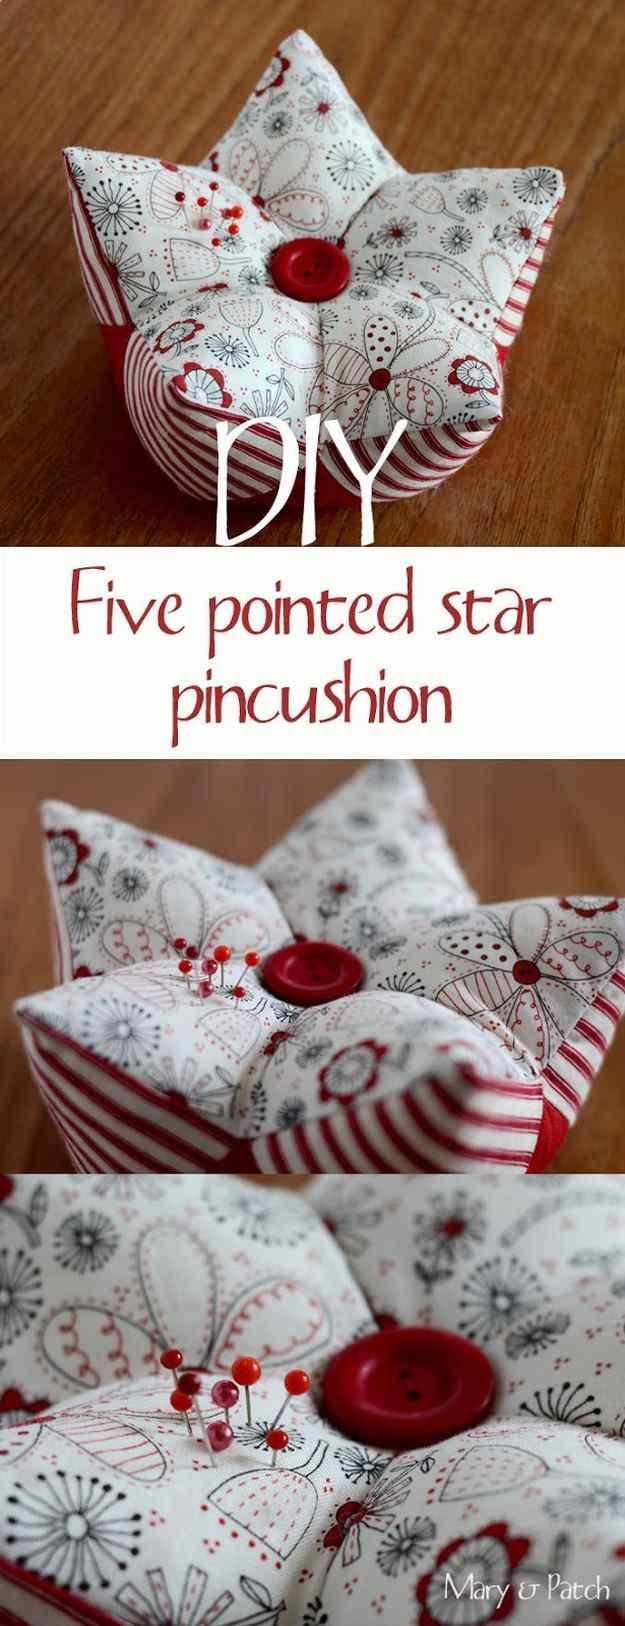 Quilted Gift Ideas # 18: Almofada 5-Pointed do Pin da estrela |  Idéias Quilted Presente fácil você pode costurar para seus amigos da menina